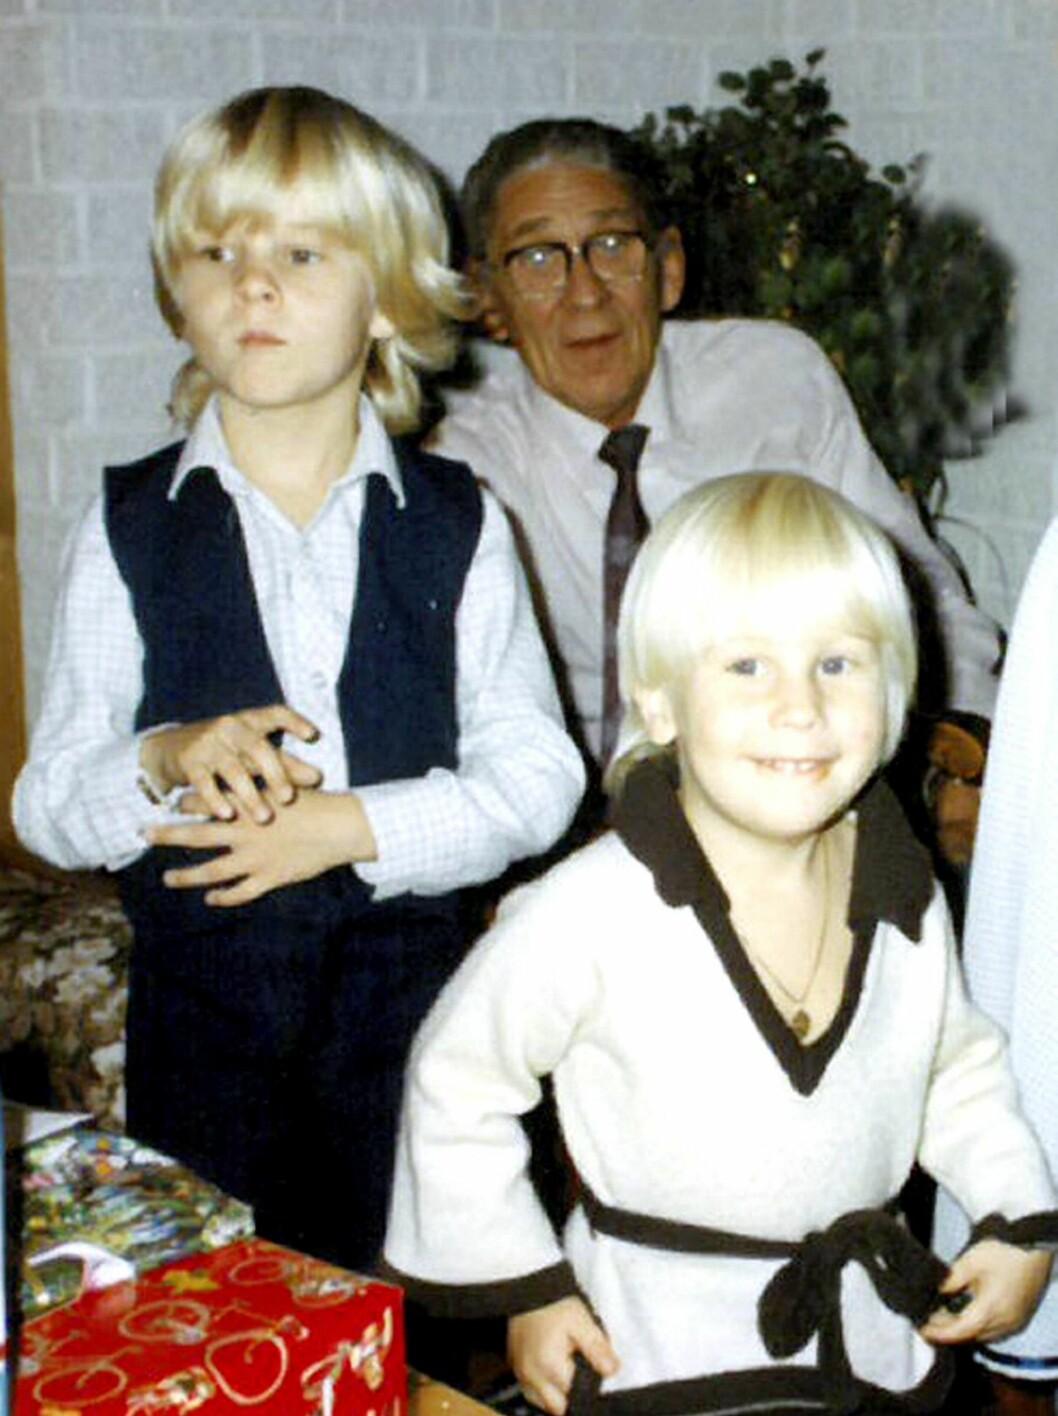 MÅTTE FLYKTE: Morfar Sverre Lindegård fortalte ofte barnebarna Christian (t.v.) og broren Martin hvor godt han ble tatt imot som flyktning i Sverige.